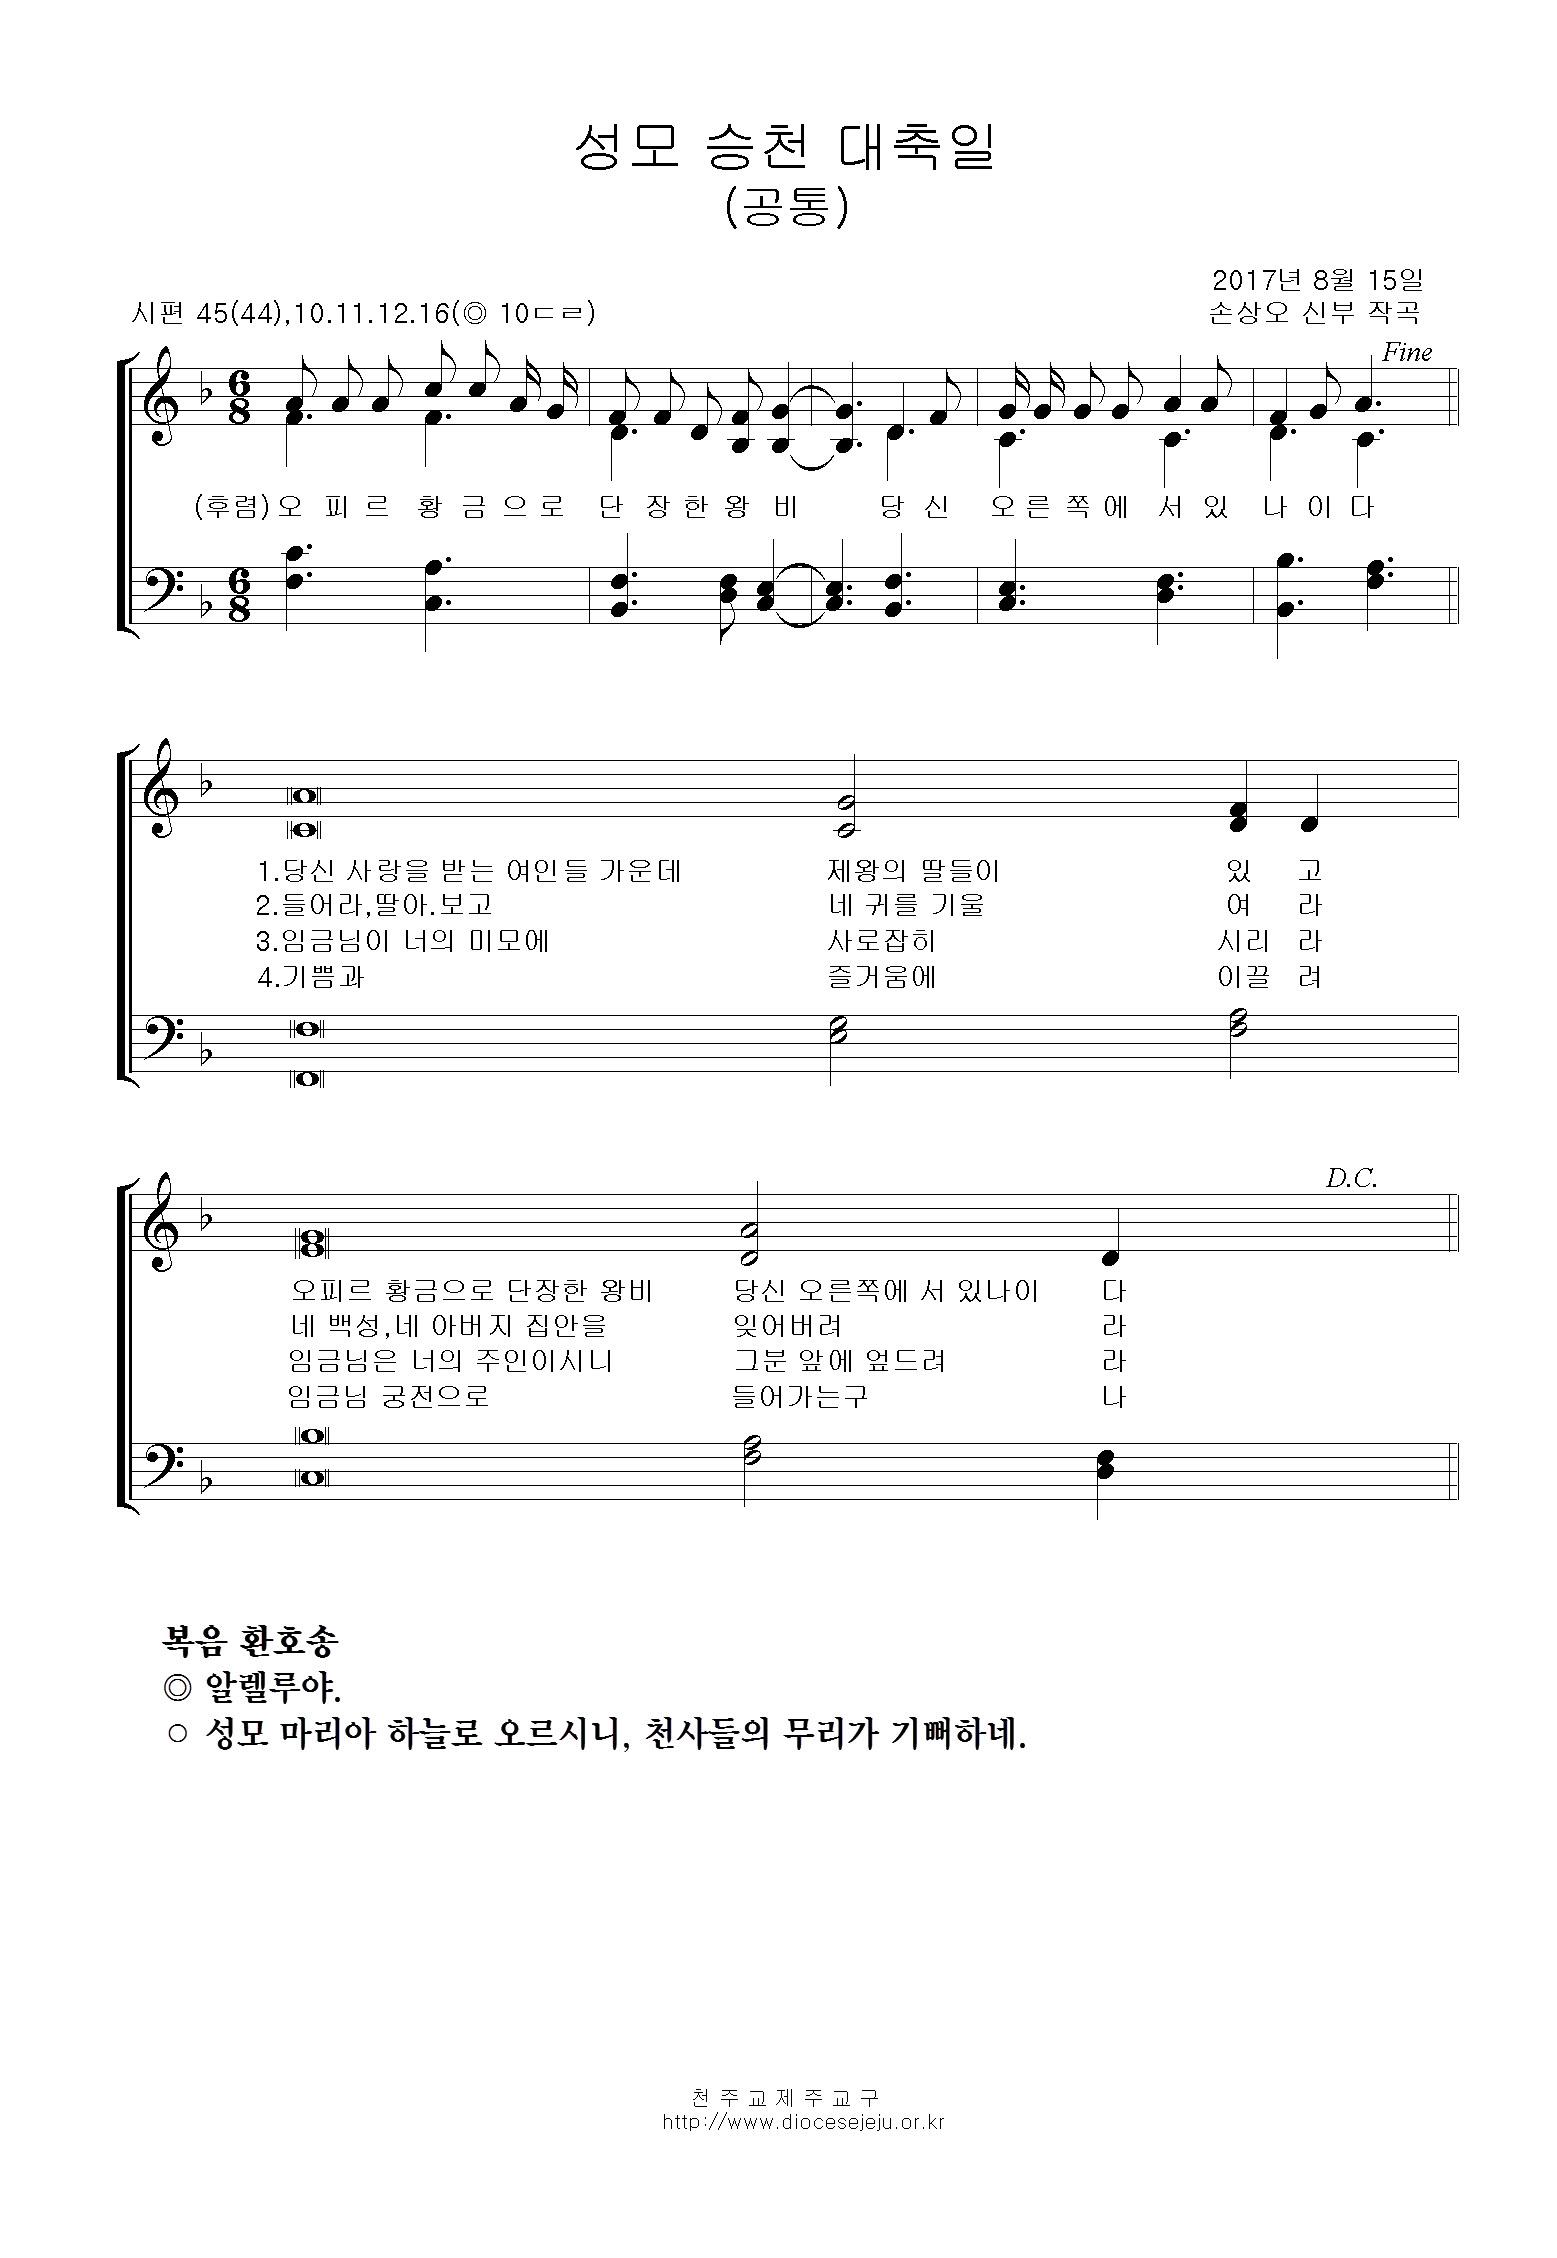 20170815-성모승천대축일(공통).jpg